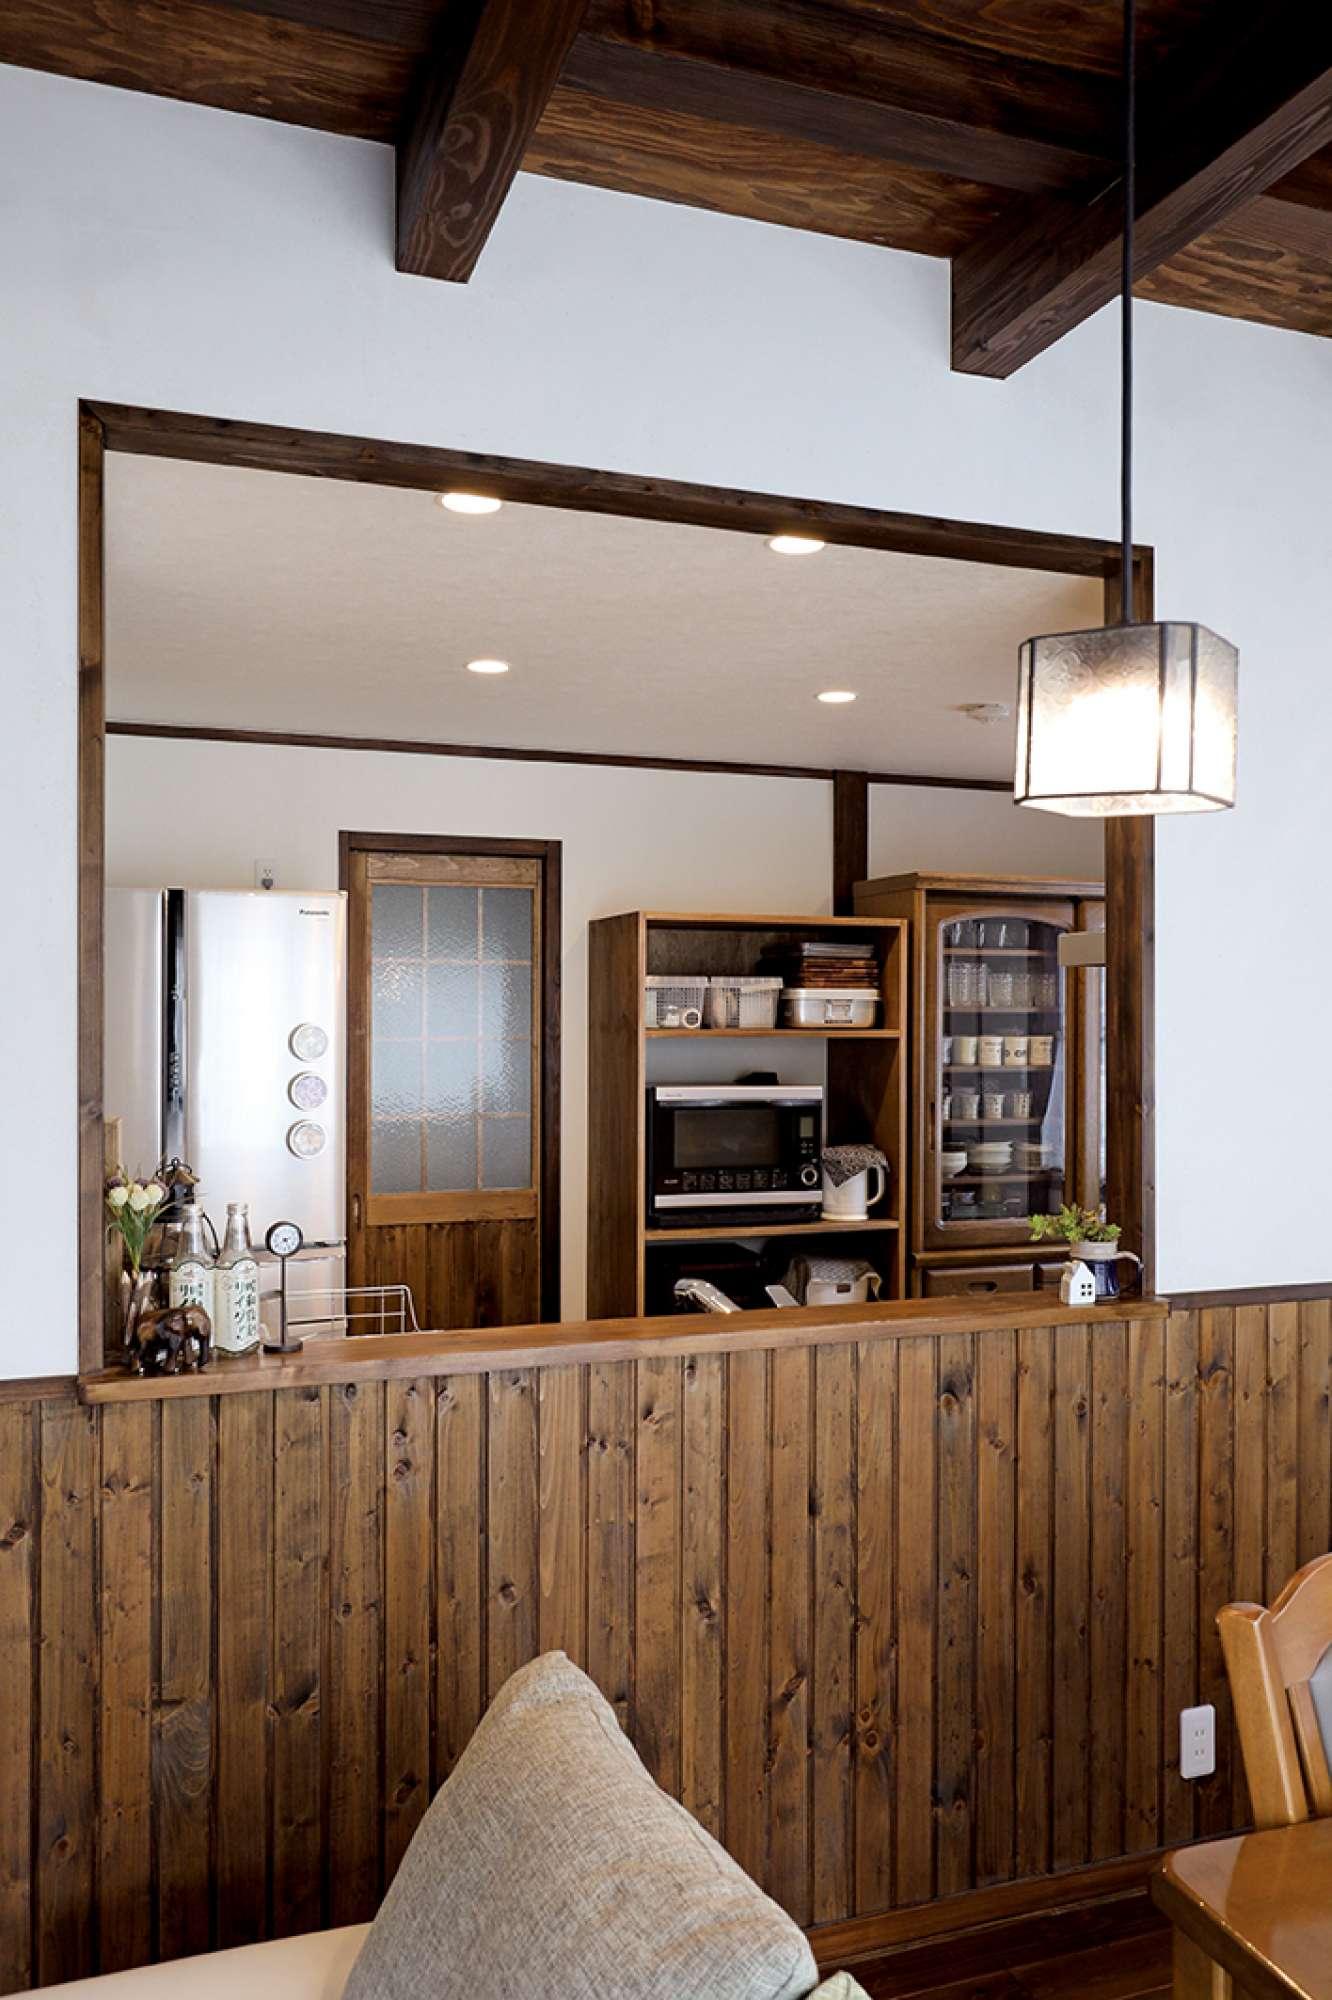 腰壁の木の風合いが印象的な対面式キッチン -  -  -